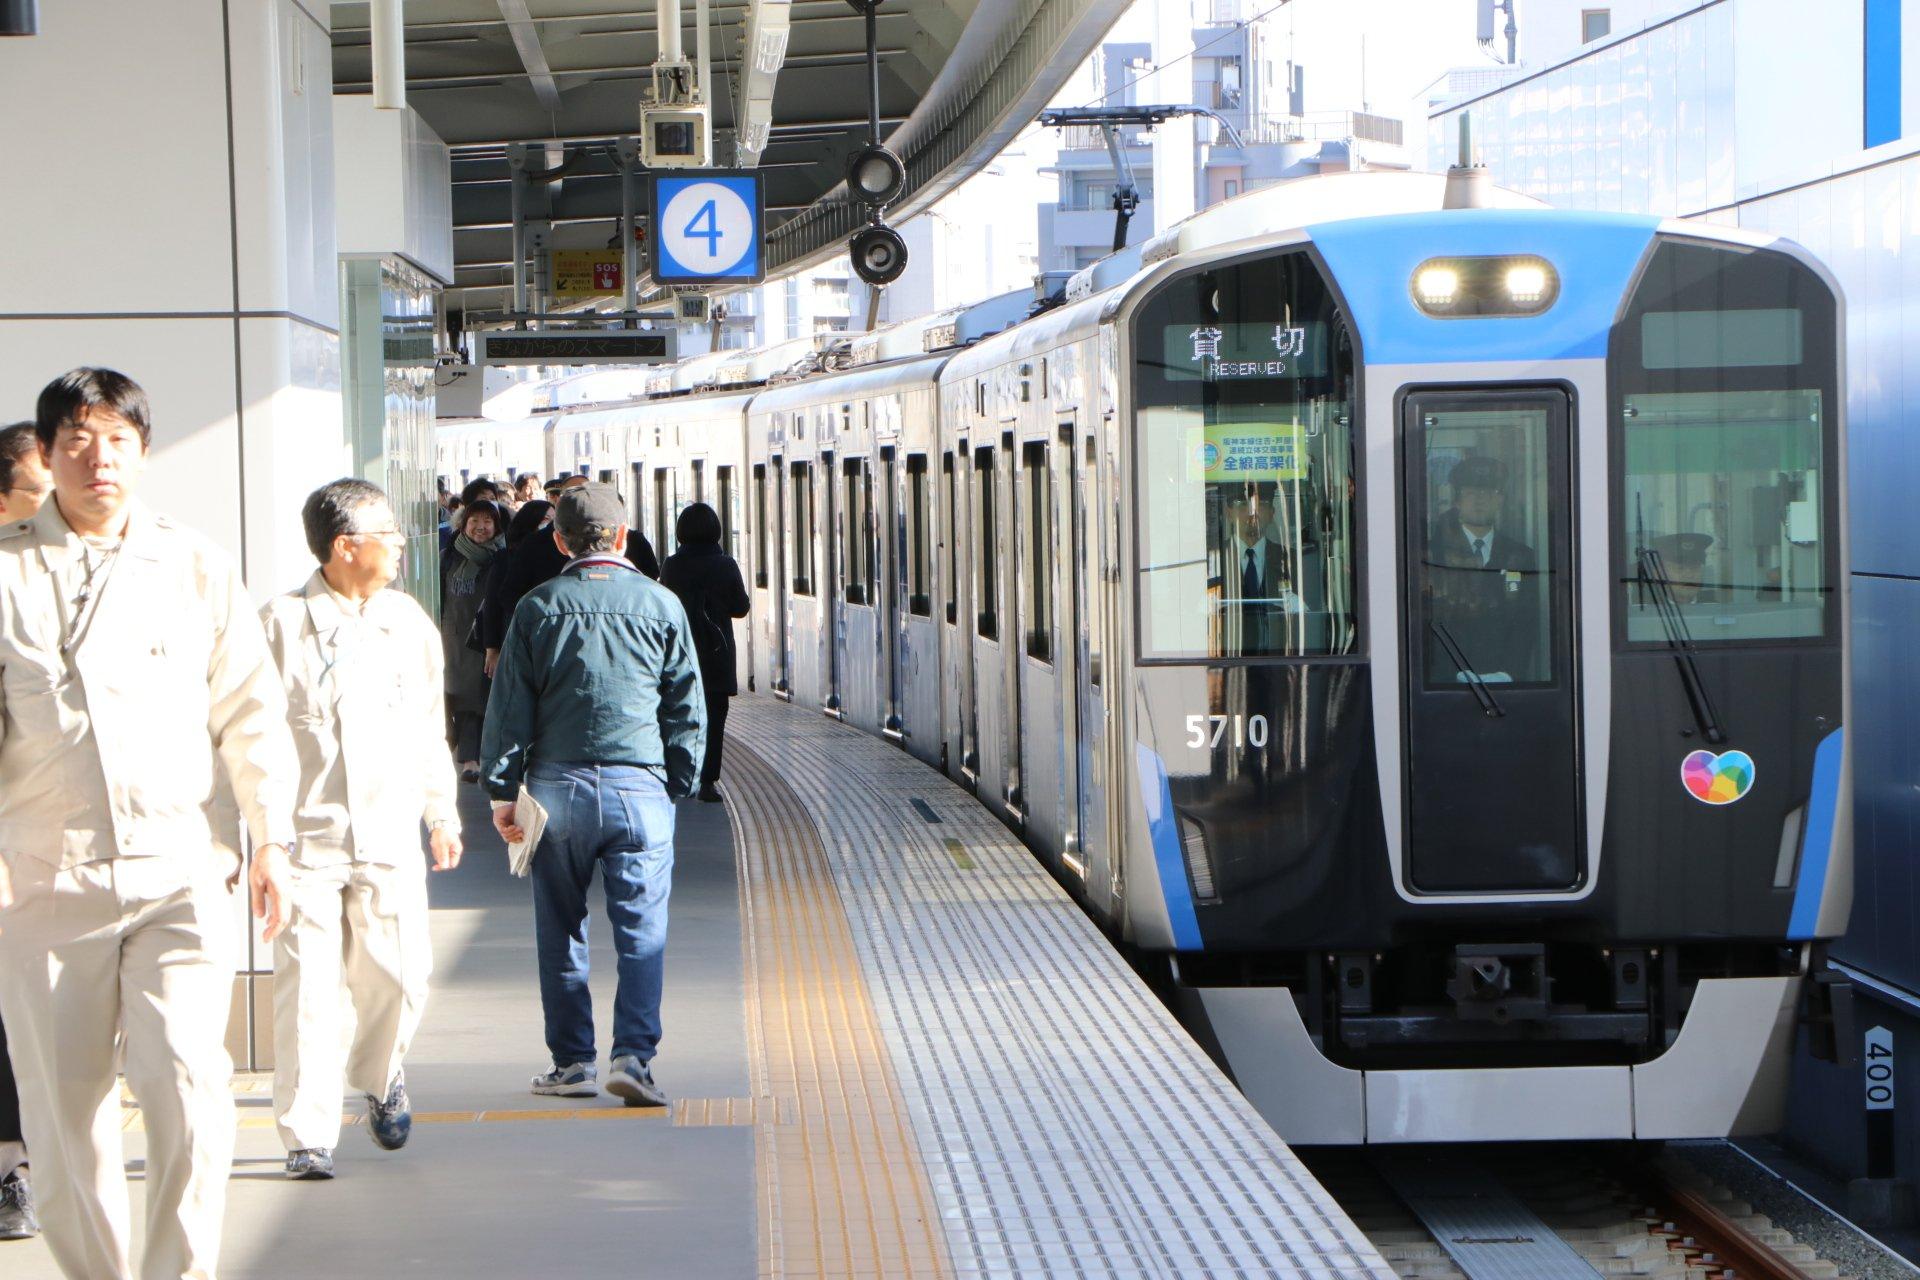 阪神電車 住吉~芦屋間全線高架化記念式典用貸切列車が阪神5700系5710編成で運行 魚崎~芦屋間の上り線高架化完了一番列車が走る  周辺道路の渋滞緩和へ